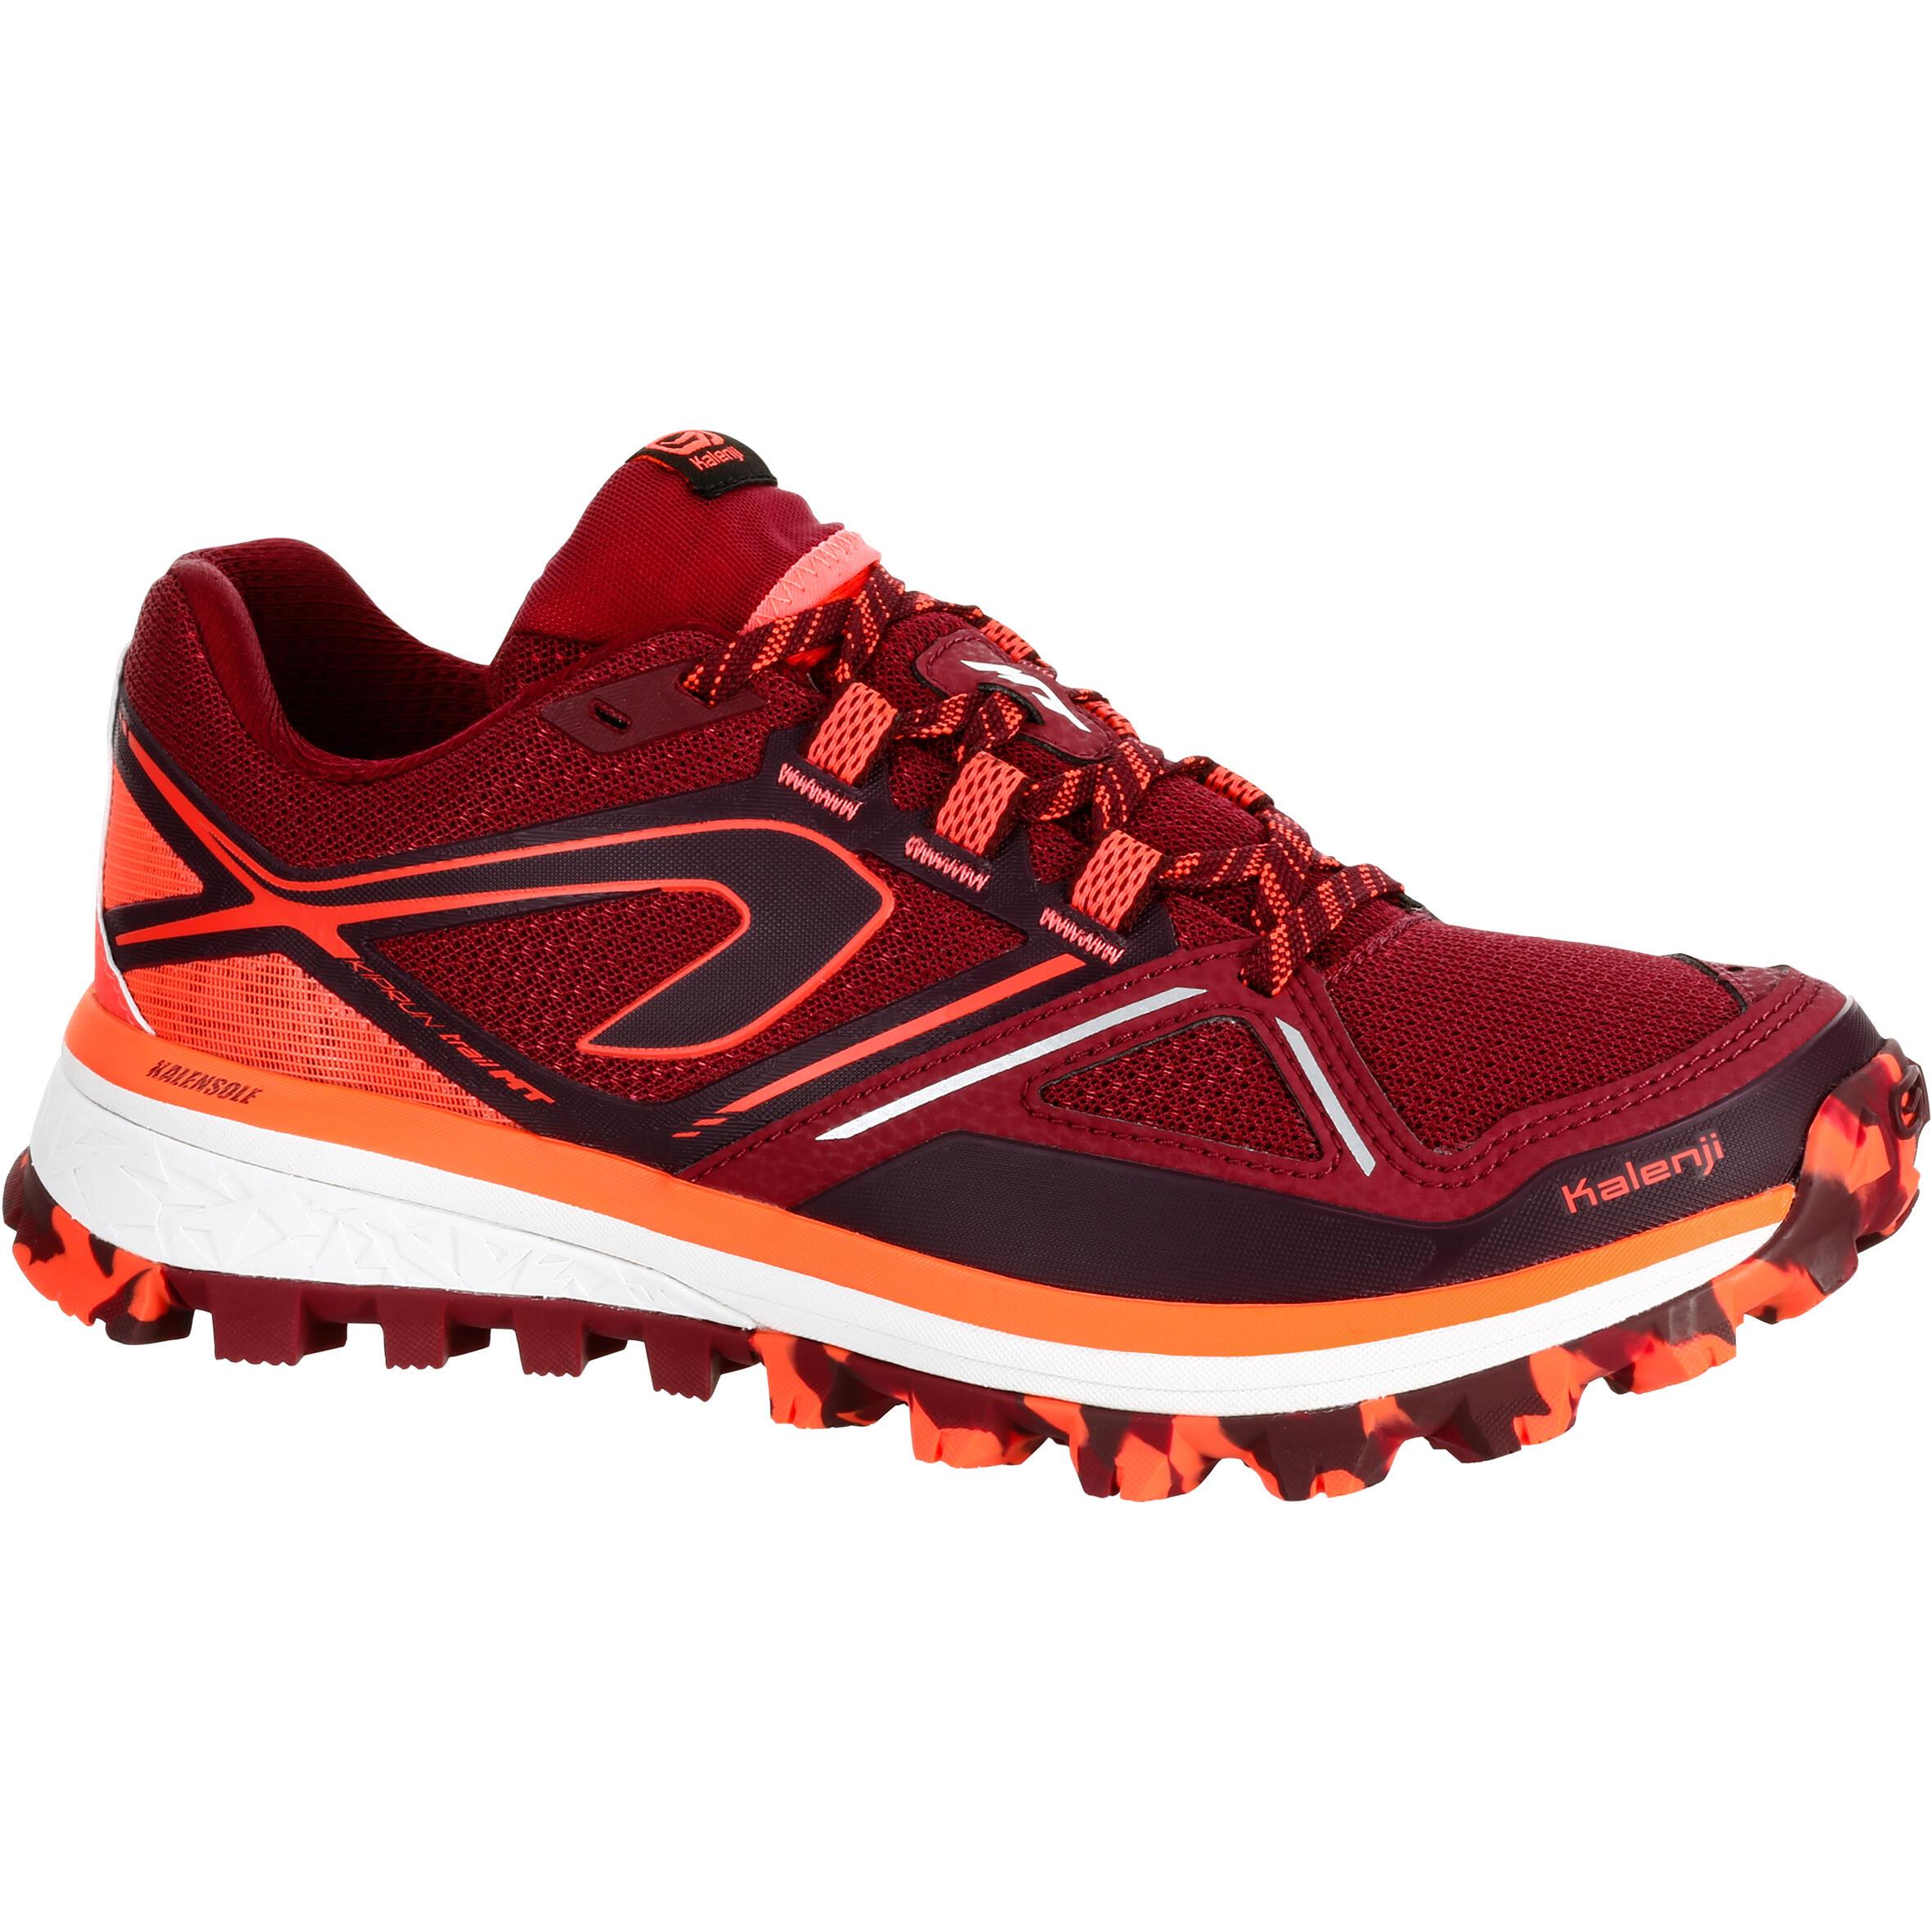 2501072 Kalenji Trailschoenen voor dames Kiprun Trail MT bordeaux